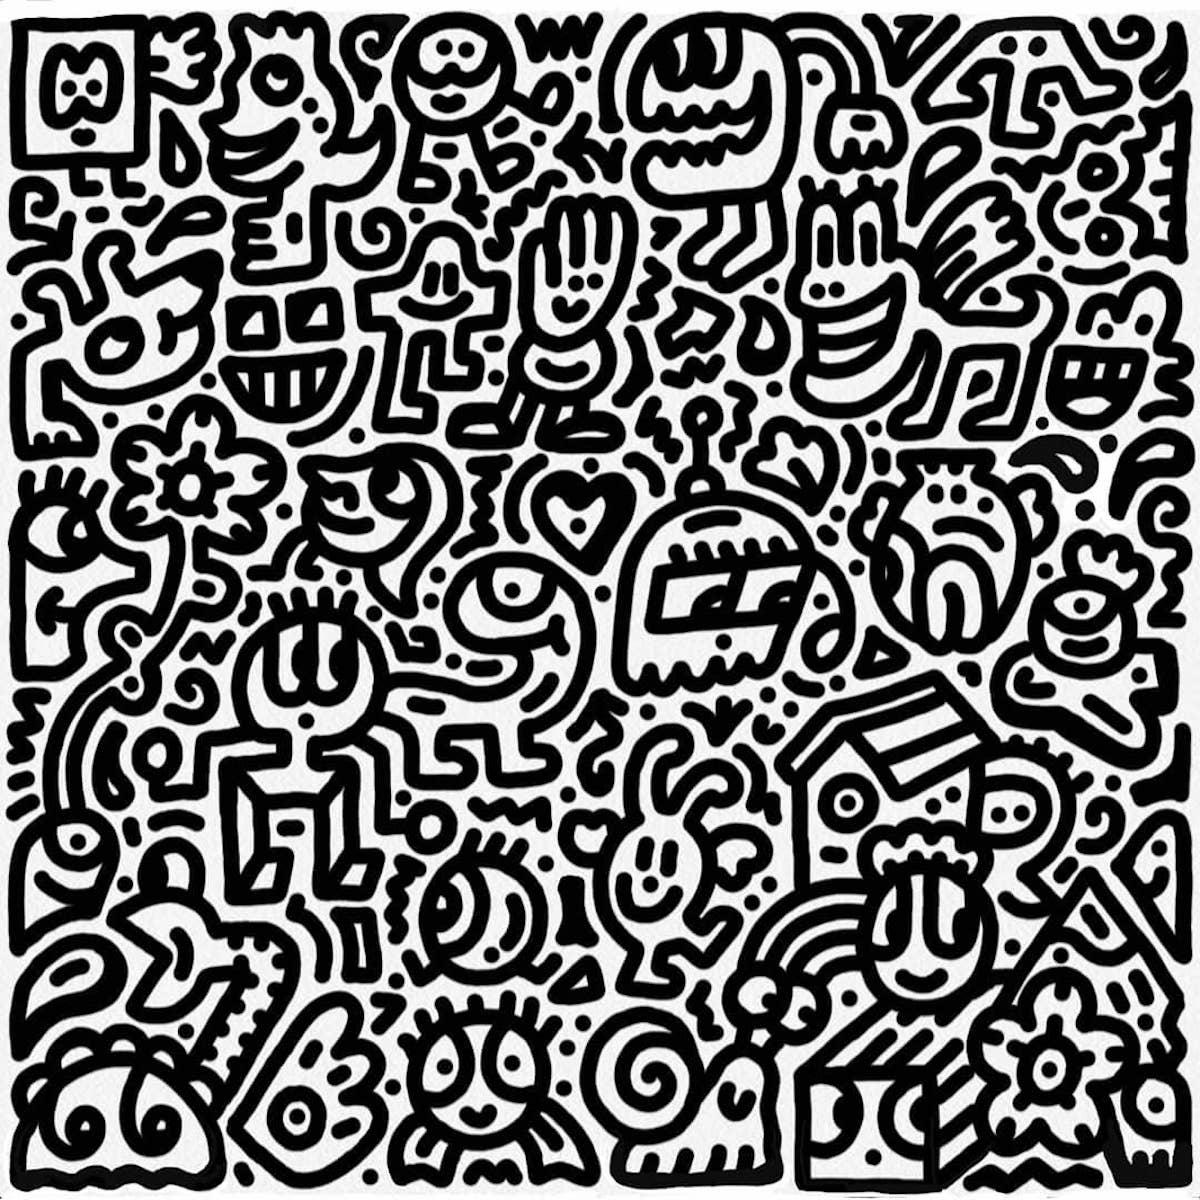 Mr. Doodle Art